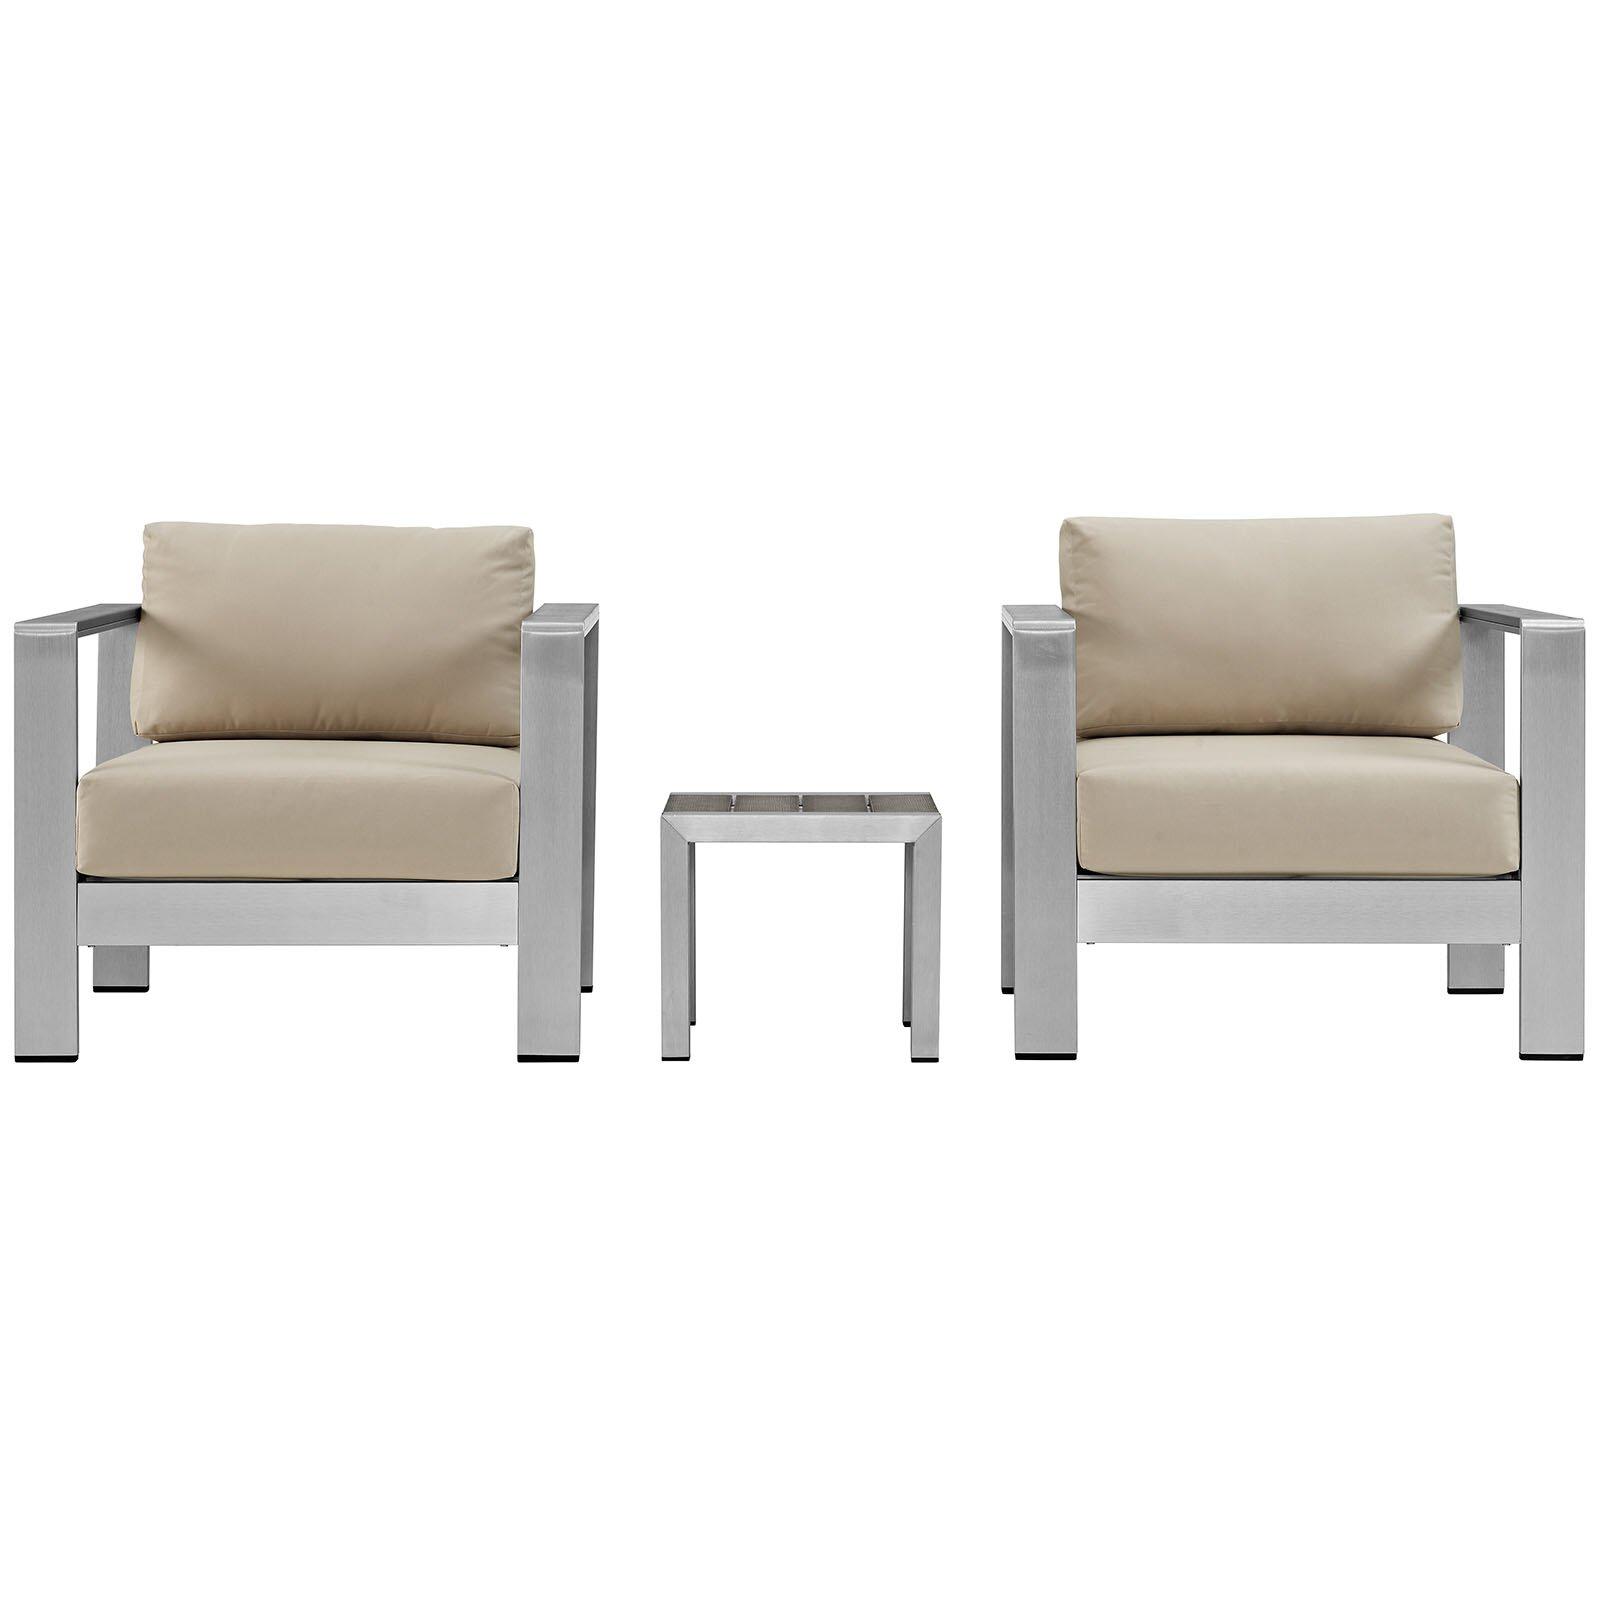 Wayfair Chair Kitchen Chairs Cushions